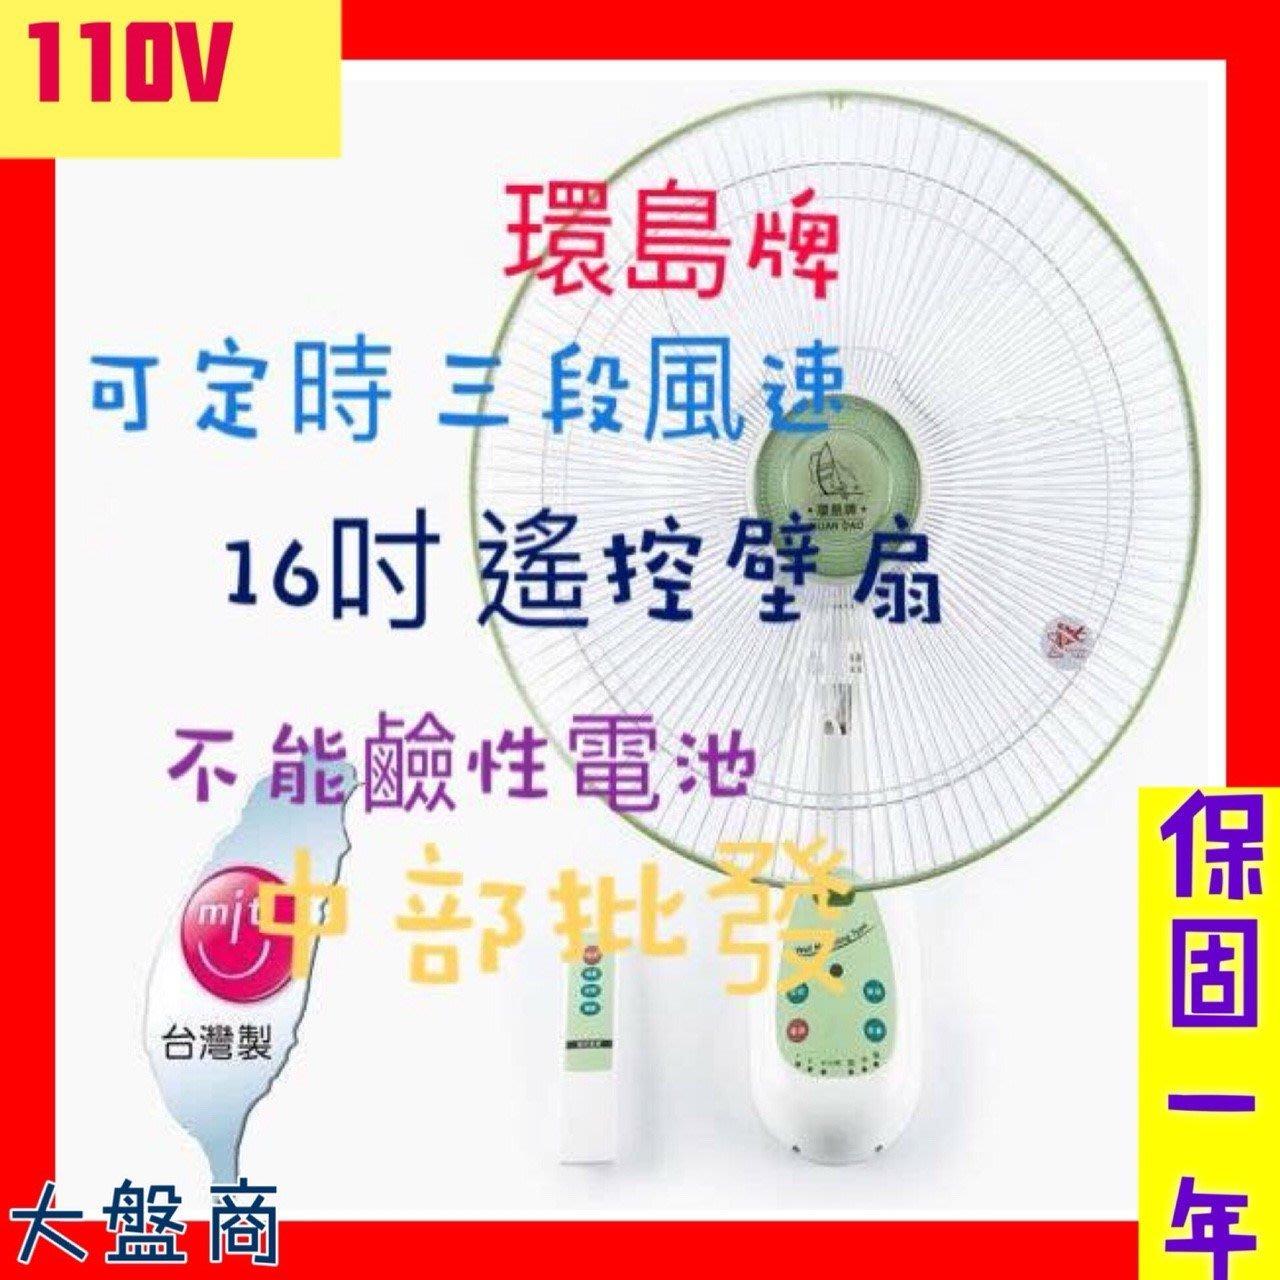 『中部批發』優佳麗 16吋 遙控壁扇 掛壁扇 太空扇 環島牌 壁式通風扇 電風扇 壁掛扇 遙控電扇 (台灣製造)